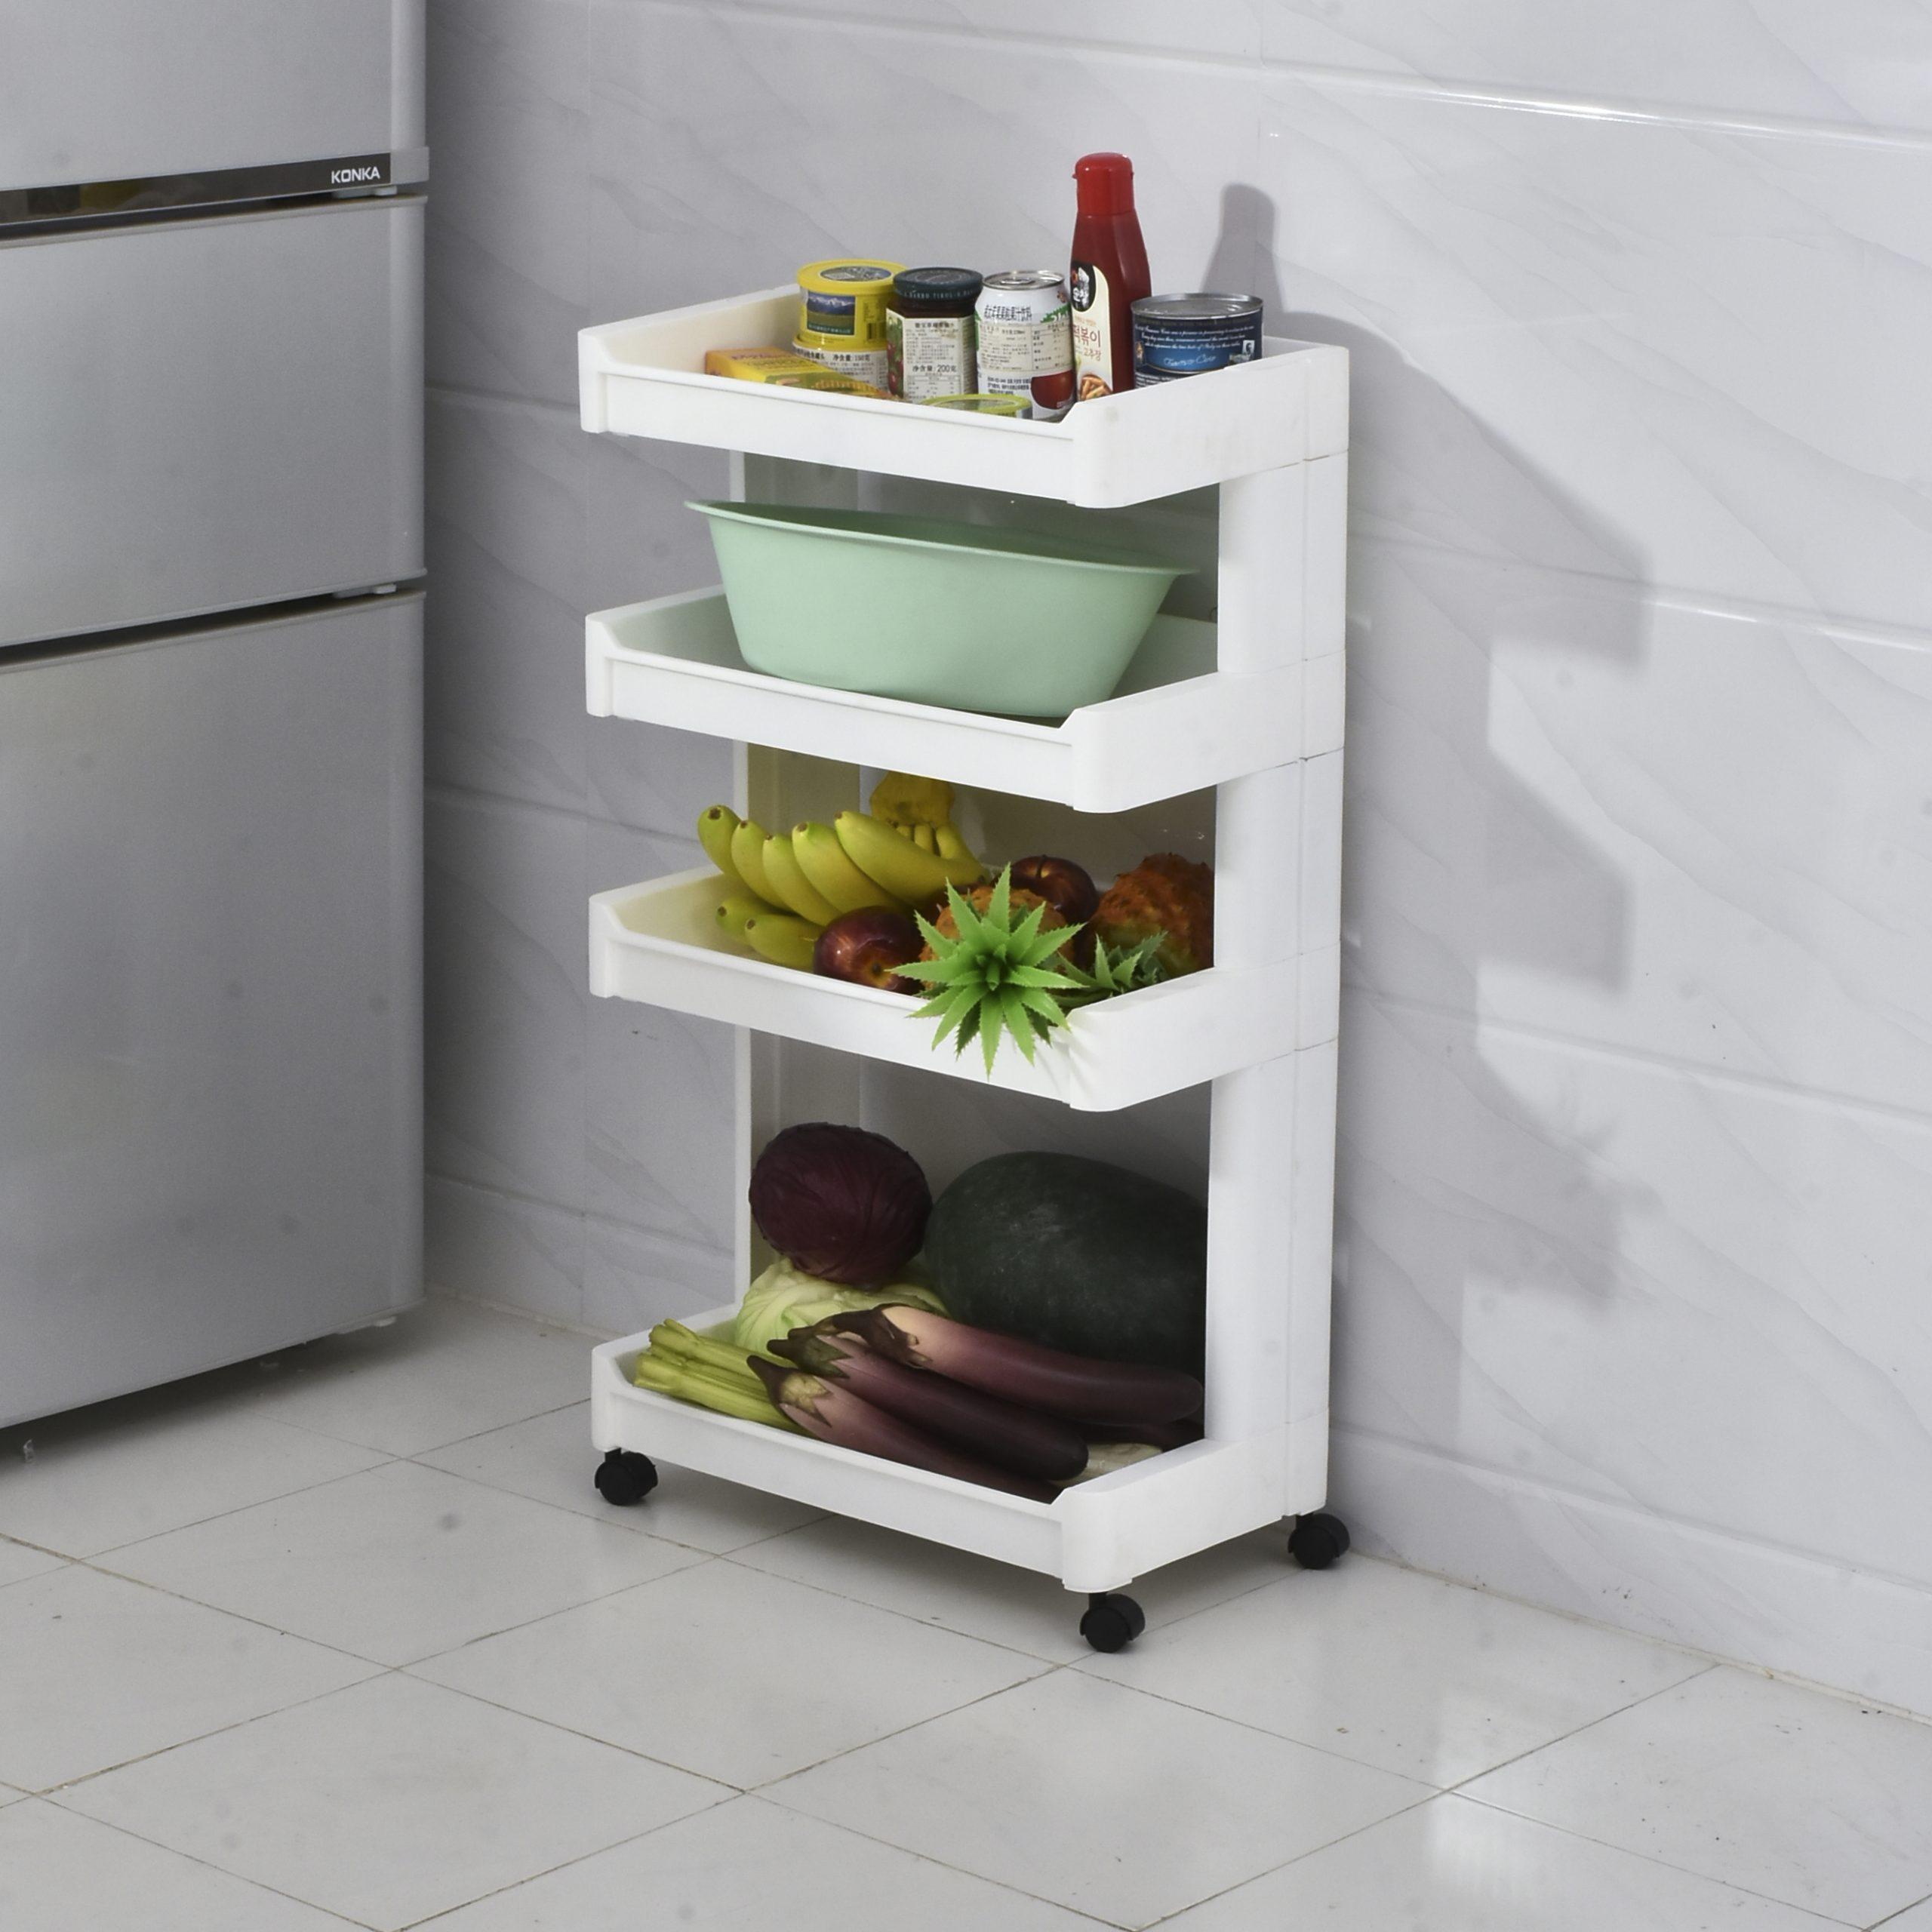 Full Size of Kaufen Sie Mit Niedrigem Preis Stck Sets Grohandel Modulküche Ikea Küche Kosten Sofa Schlaffunktion Betten Bei 160x200 Miniküche Wohnzimmer Küchenregal Ikea